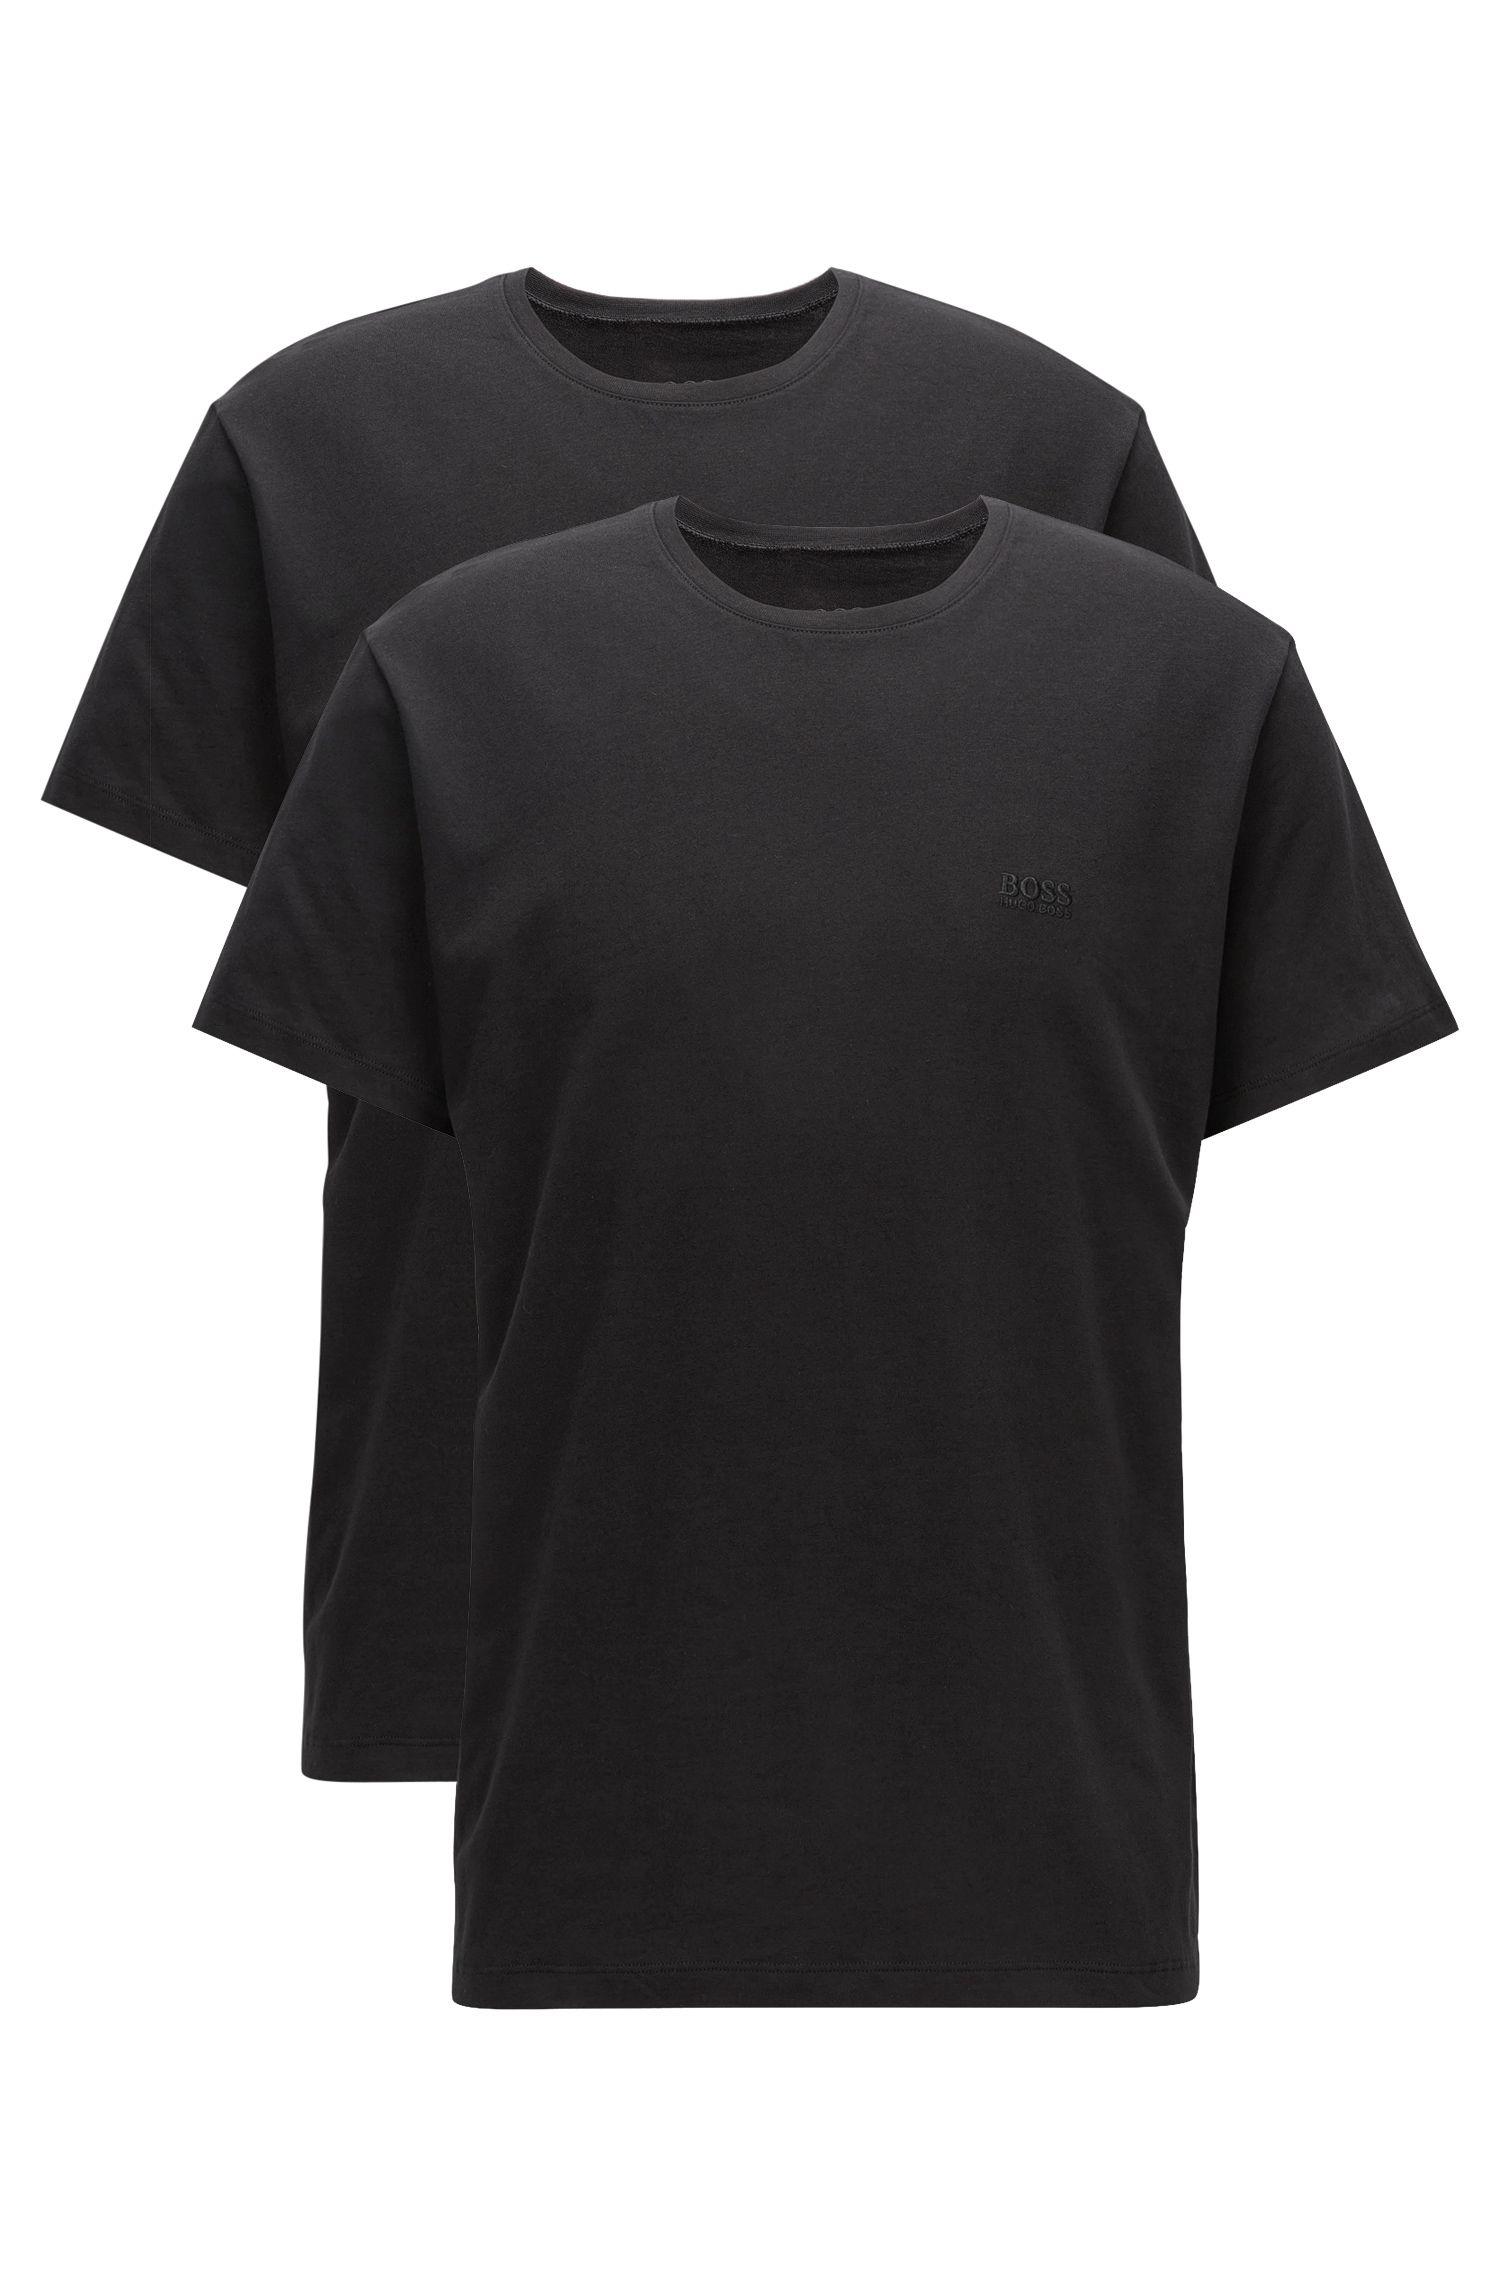 Set van twee relaxed-fit T-shirts van katoen met ronde hals, Zwart